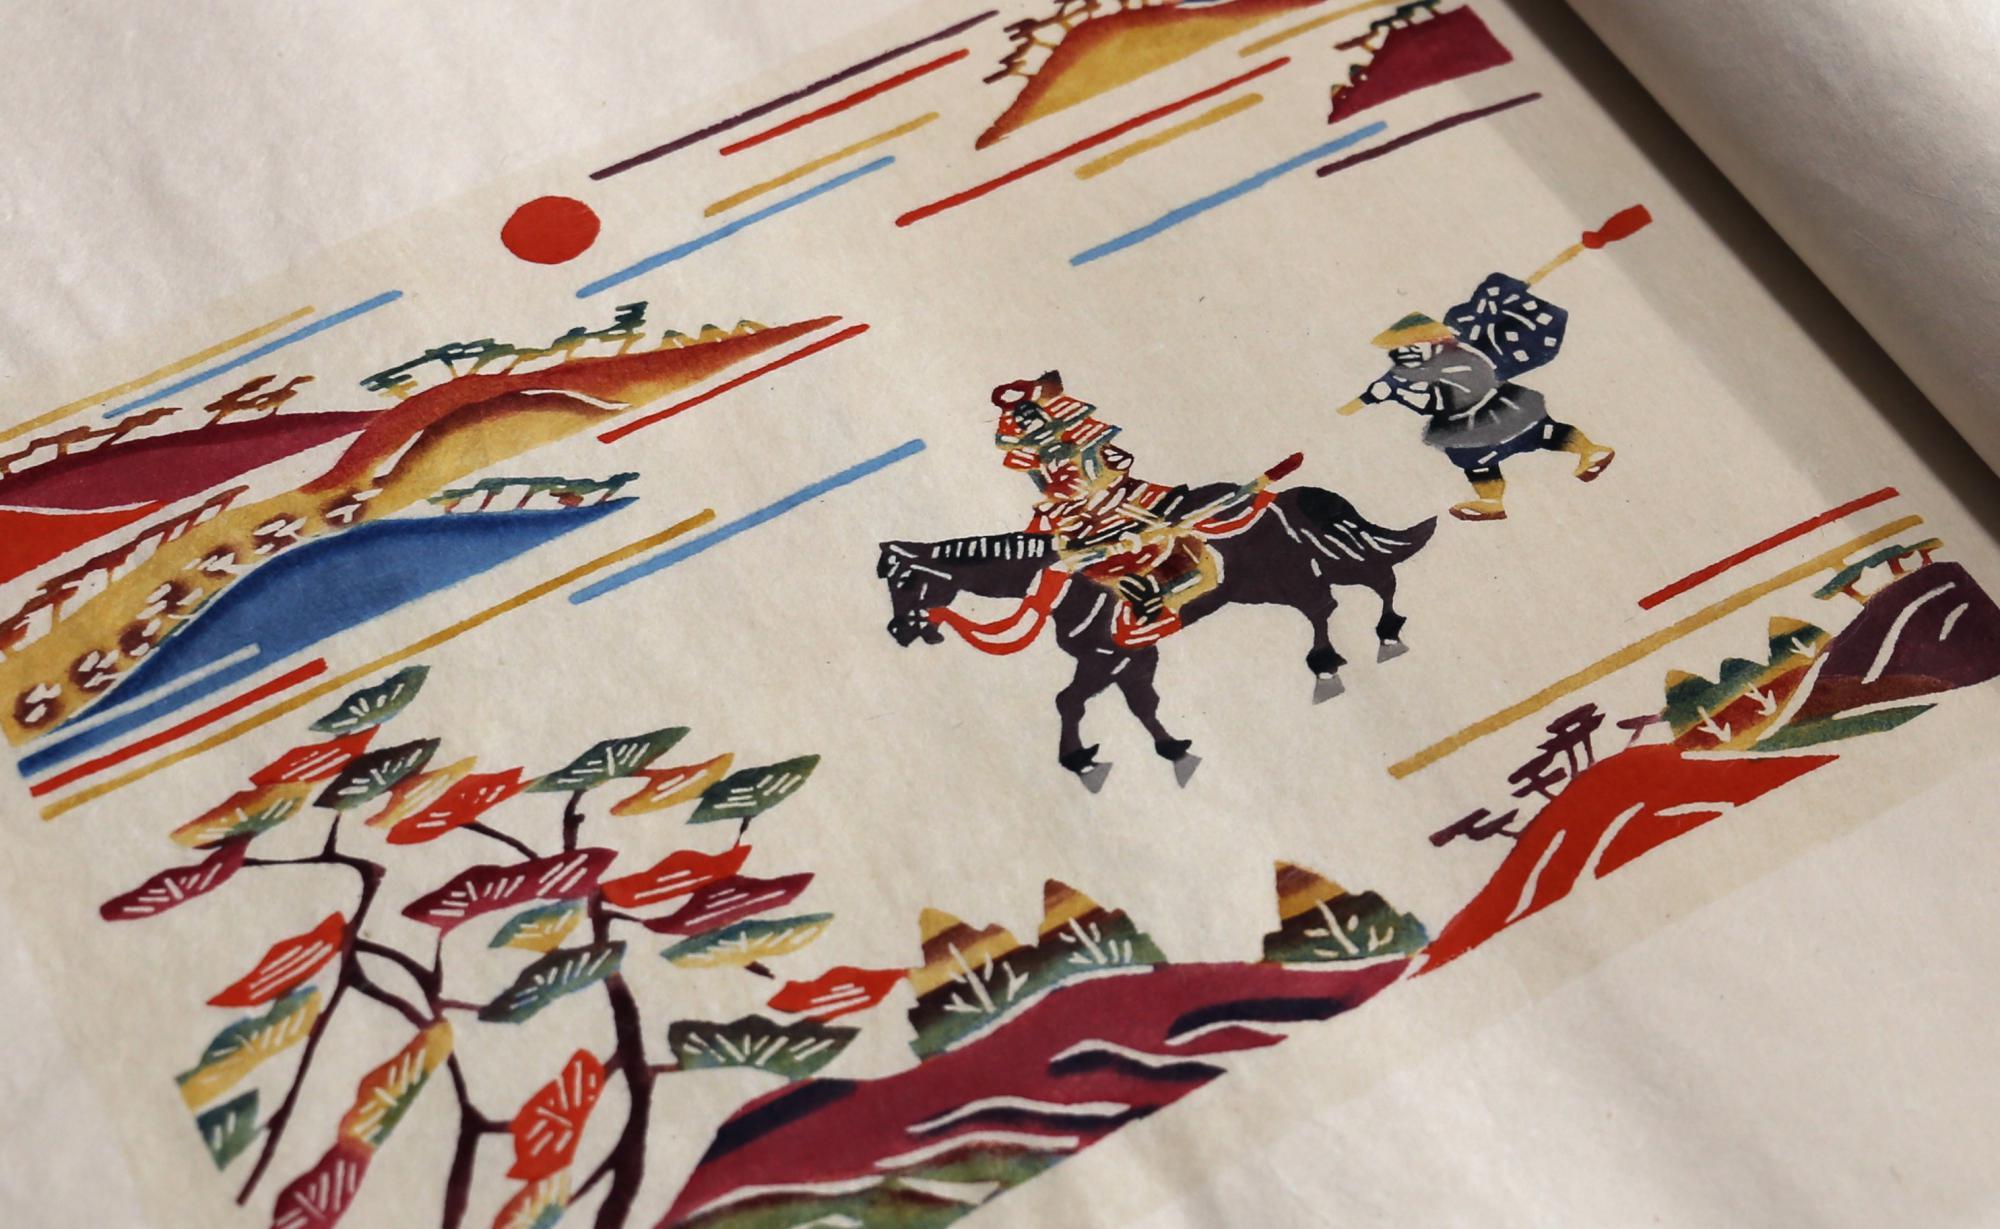 La Biblioteca Nacional incorpora a sus fondos una edición japonesa del Quijote